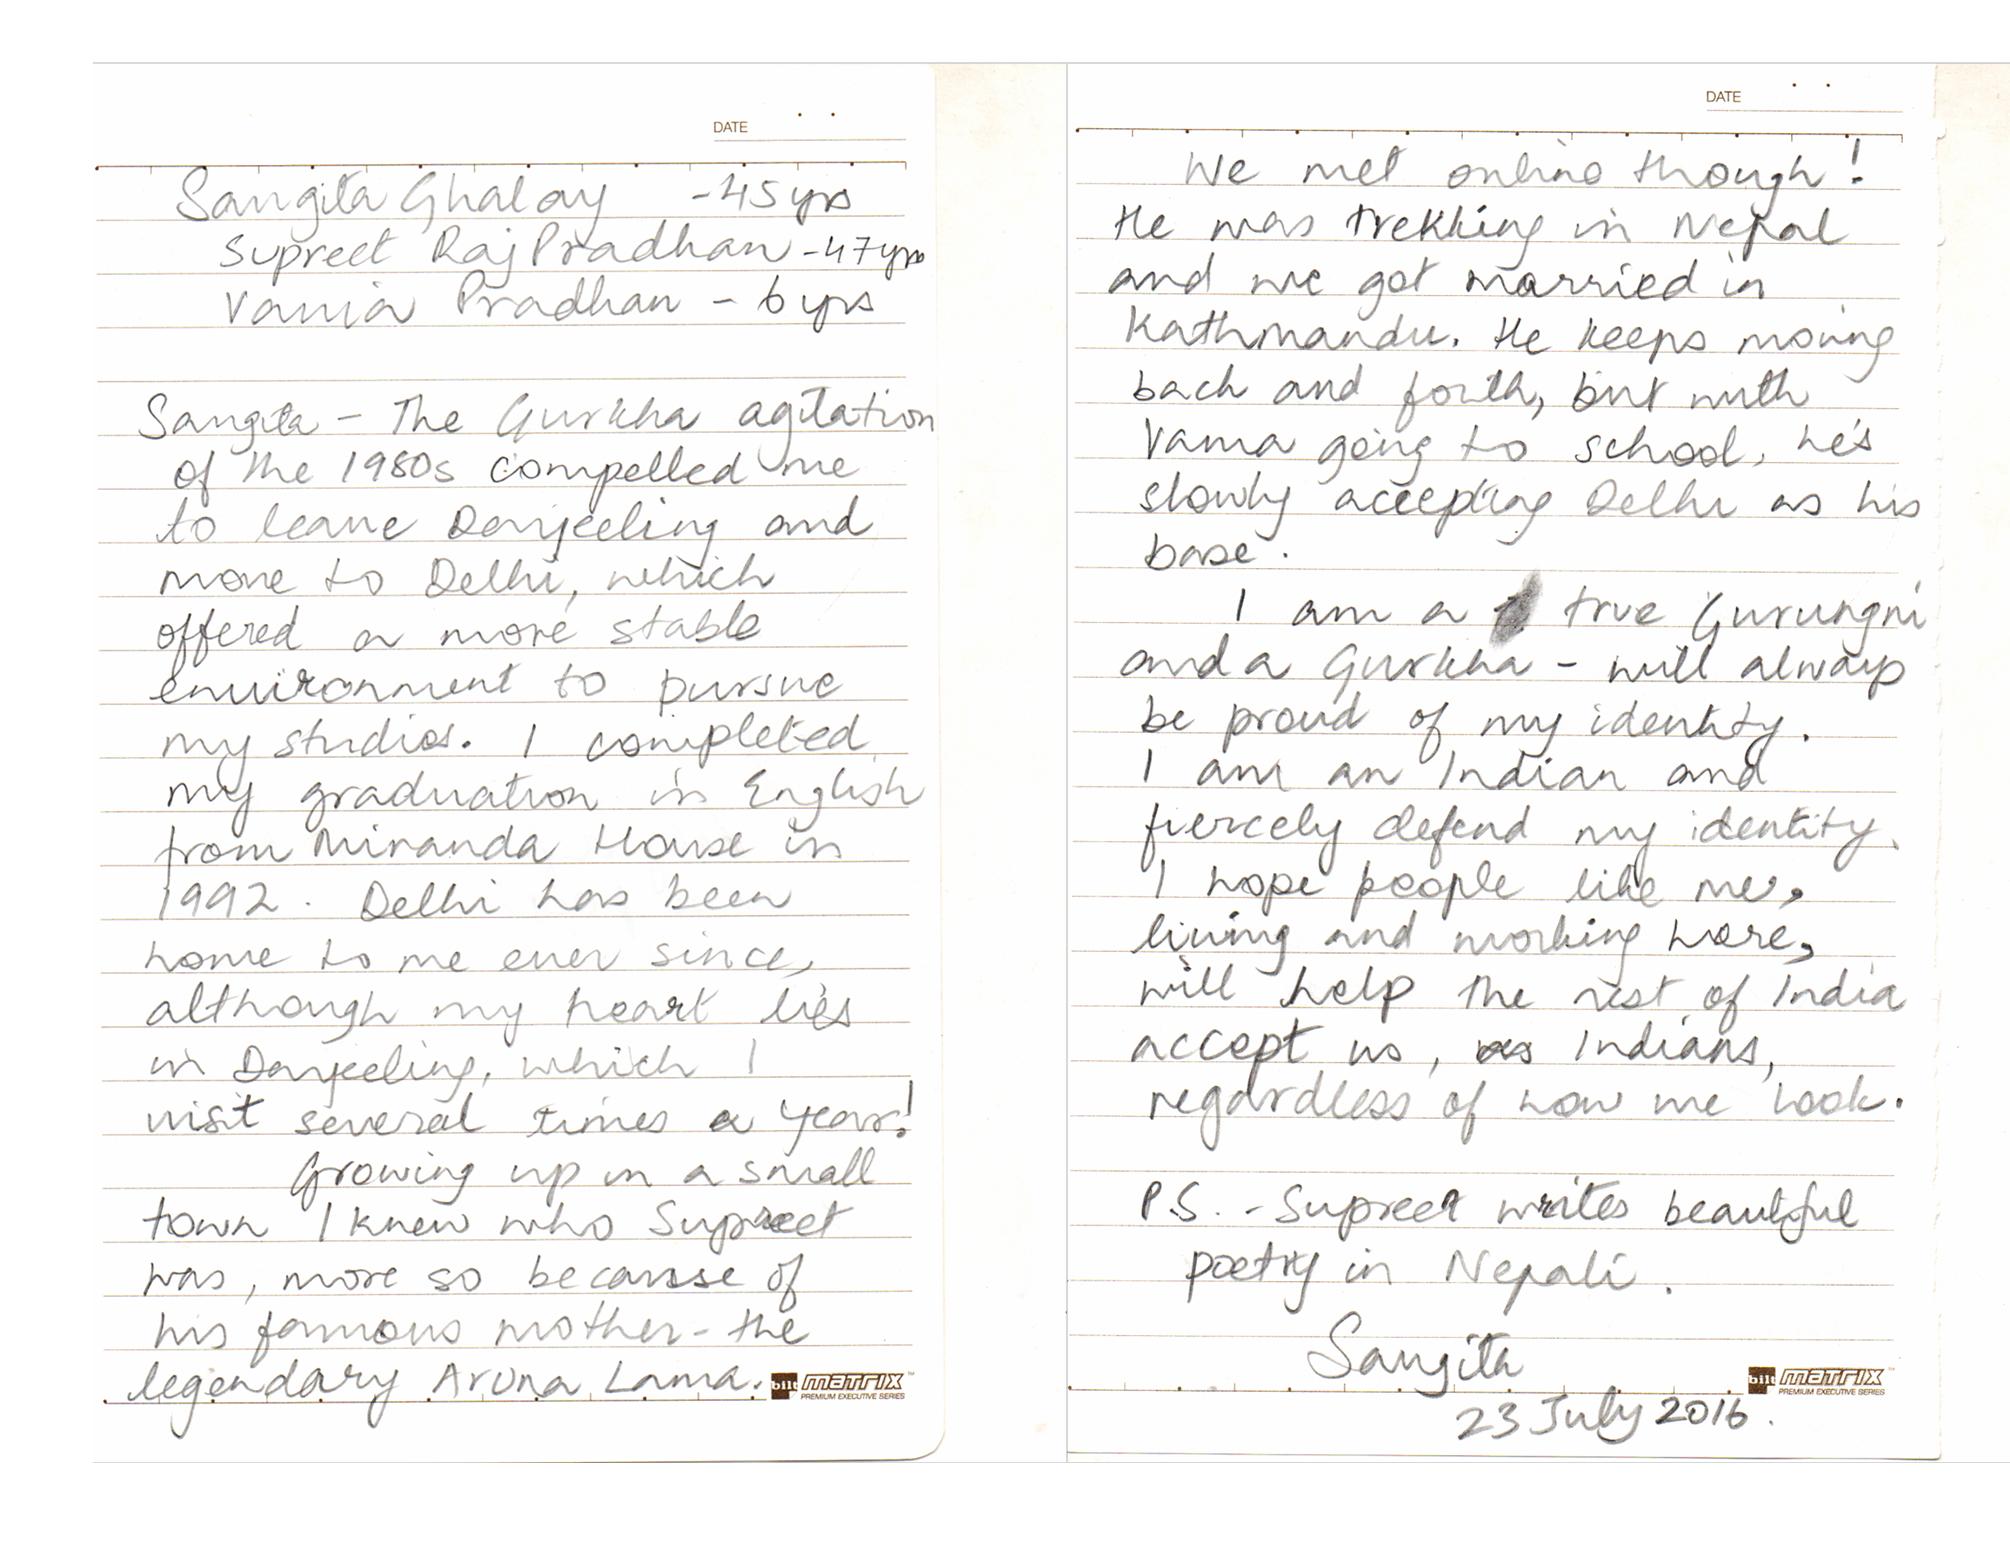 Sangeeta Ghalay chose to share her story via a note